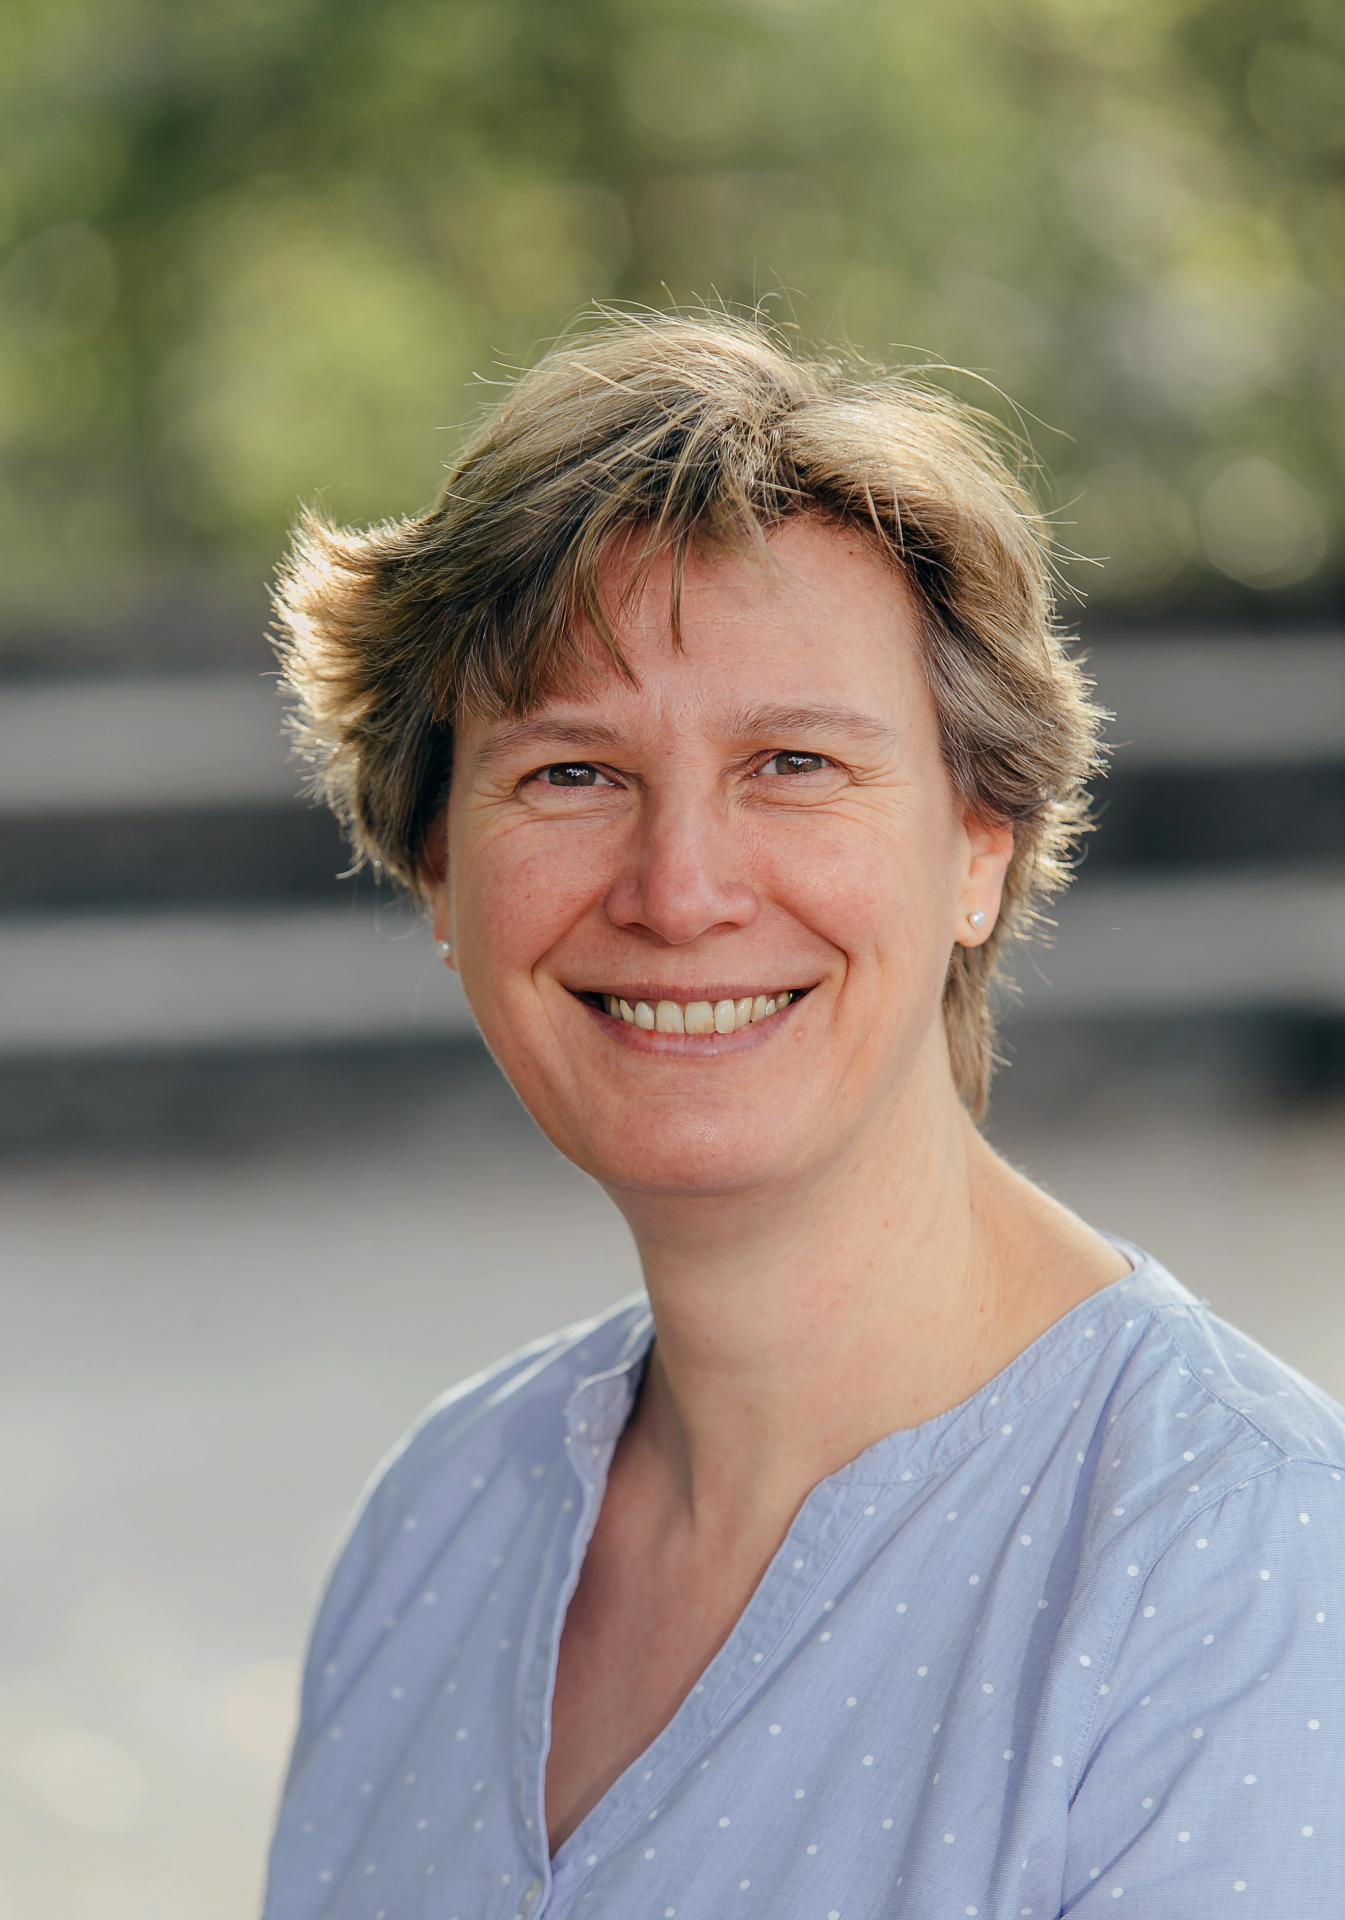 Angela Pretorius